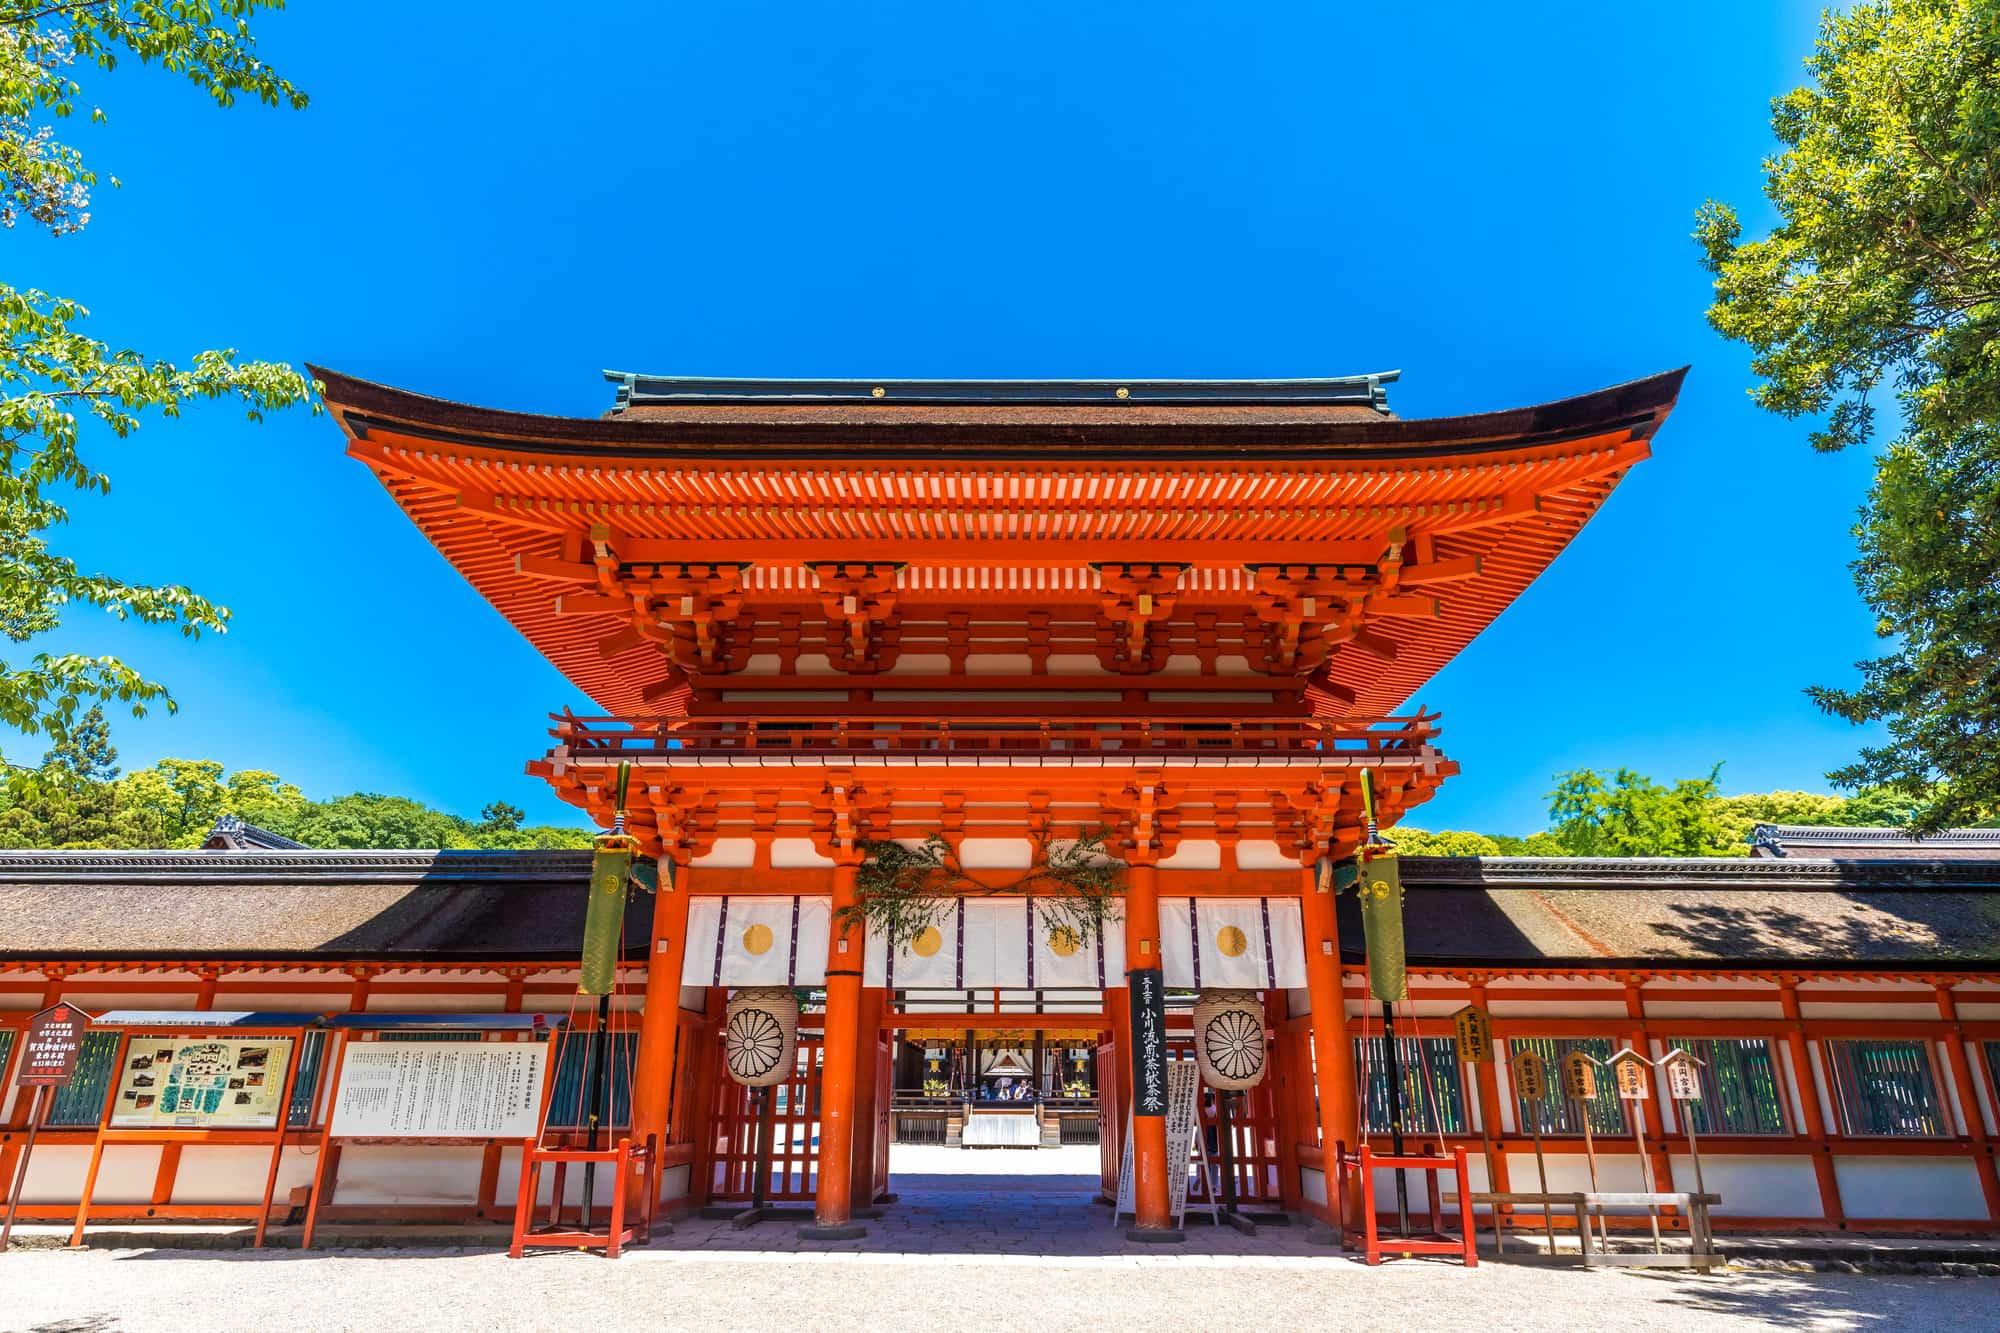 青空下的下鸭神社